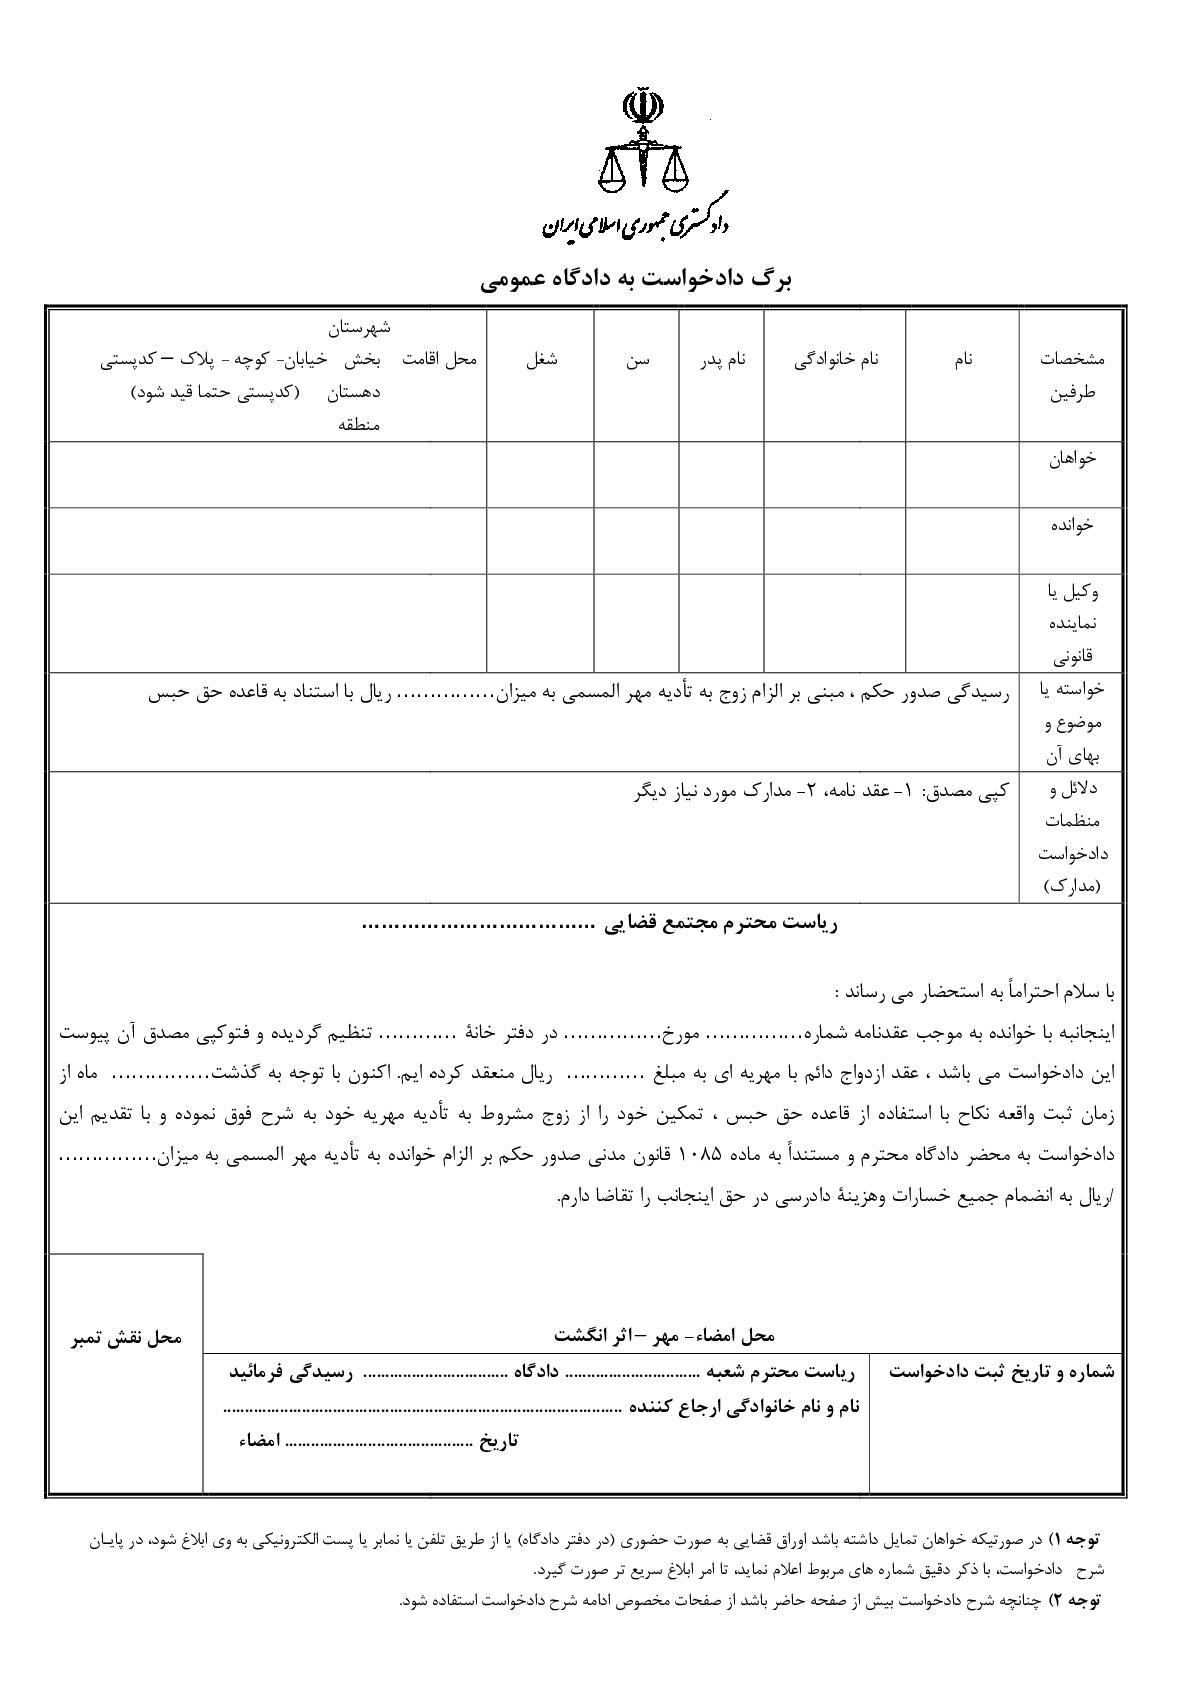 دادخواست مطالبه مهر المسمی با حق حبس